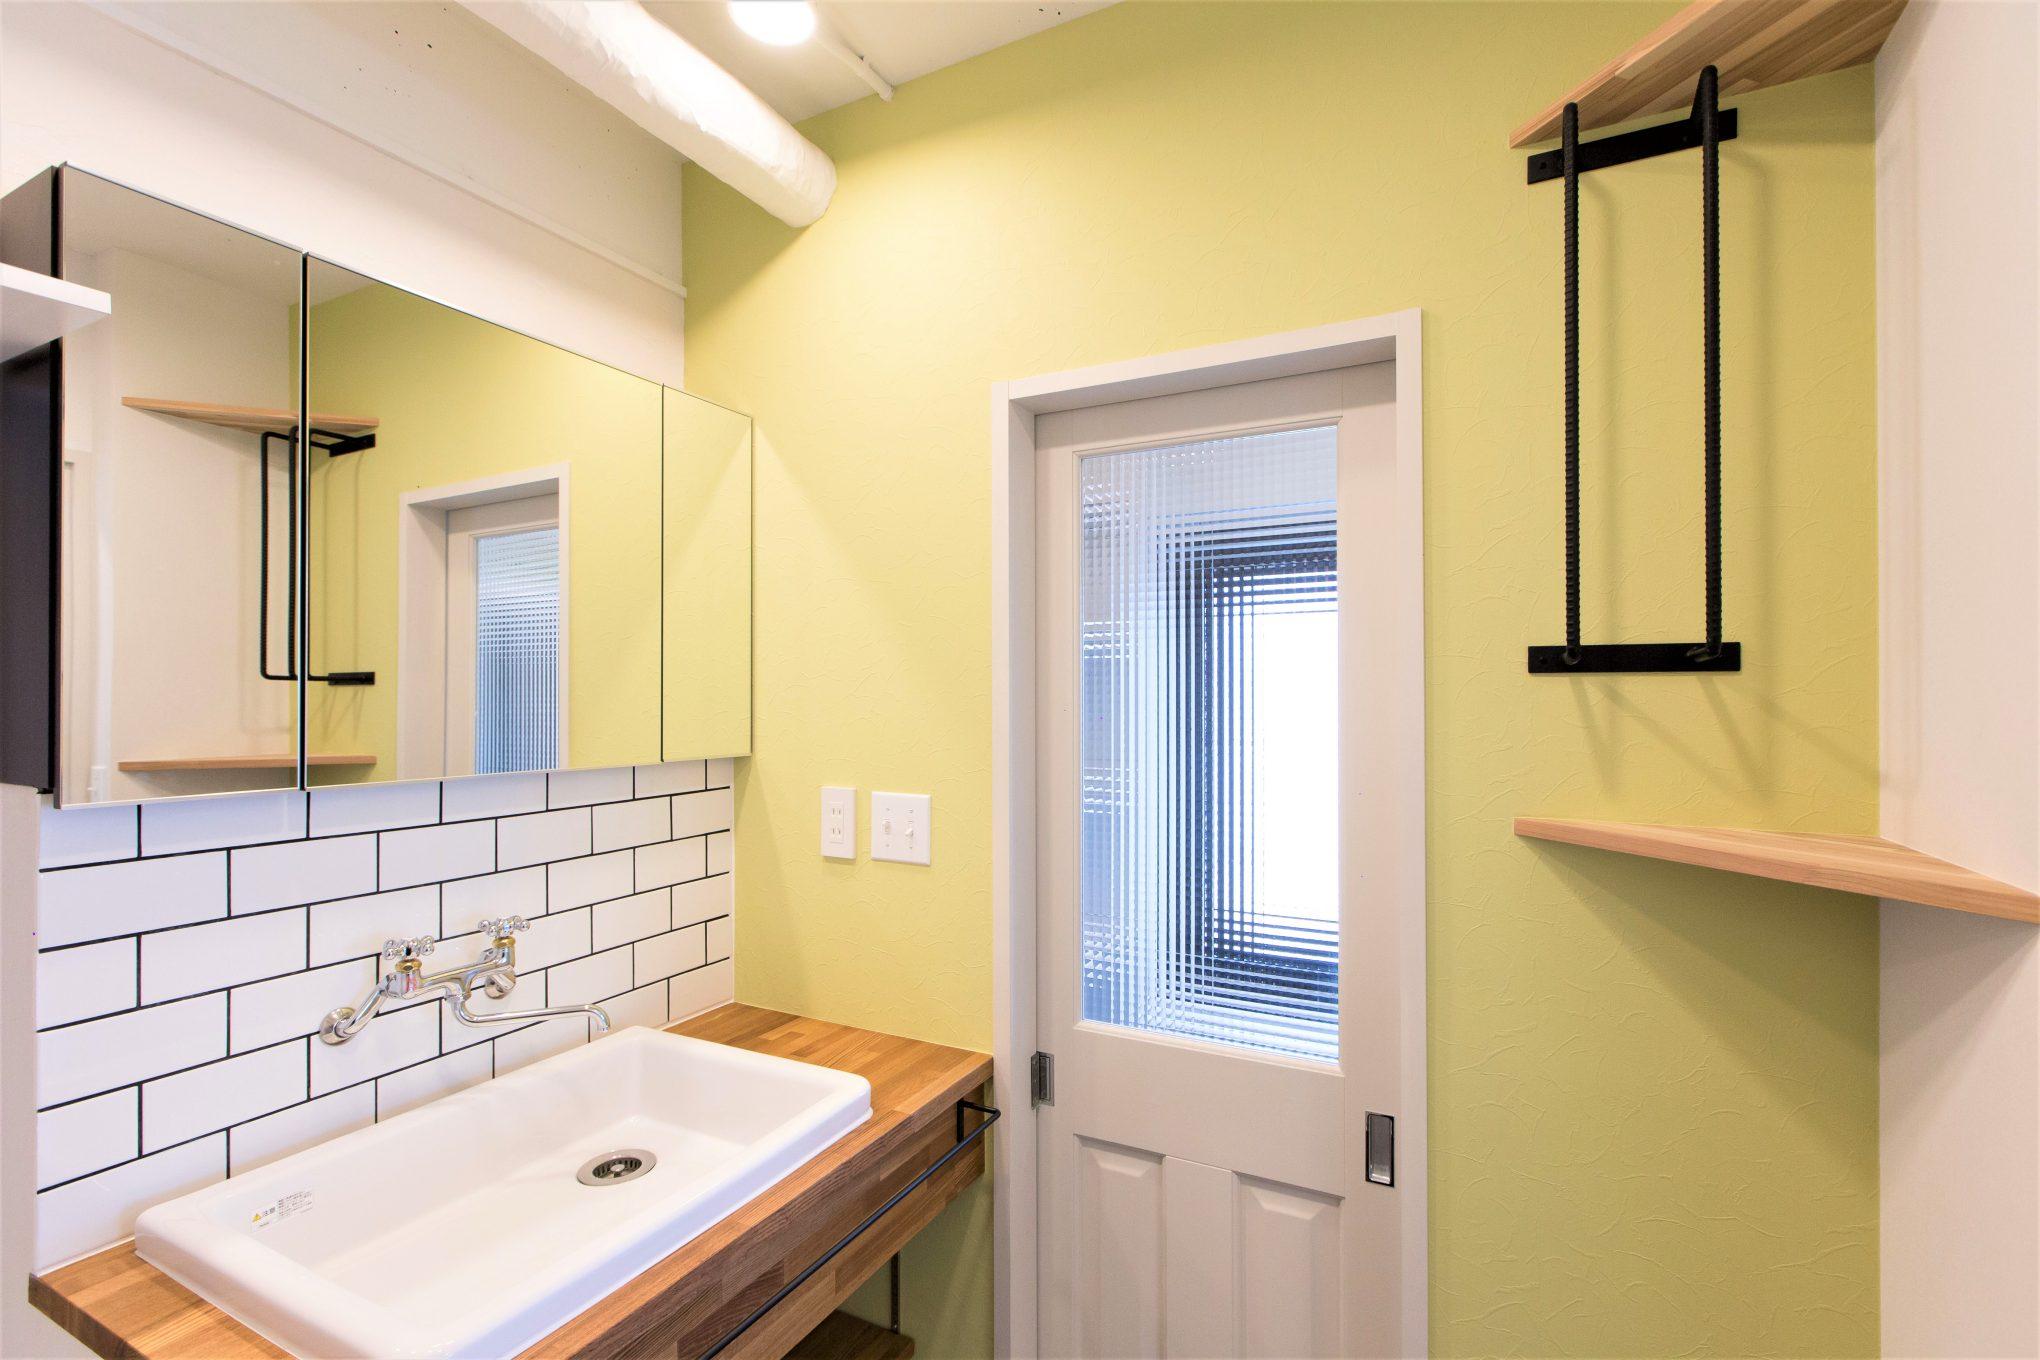 洗面台も木で造作。壁紙は他室と変えてパステルイエローに